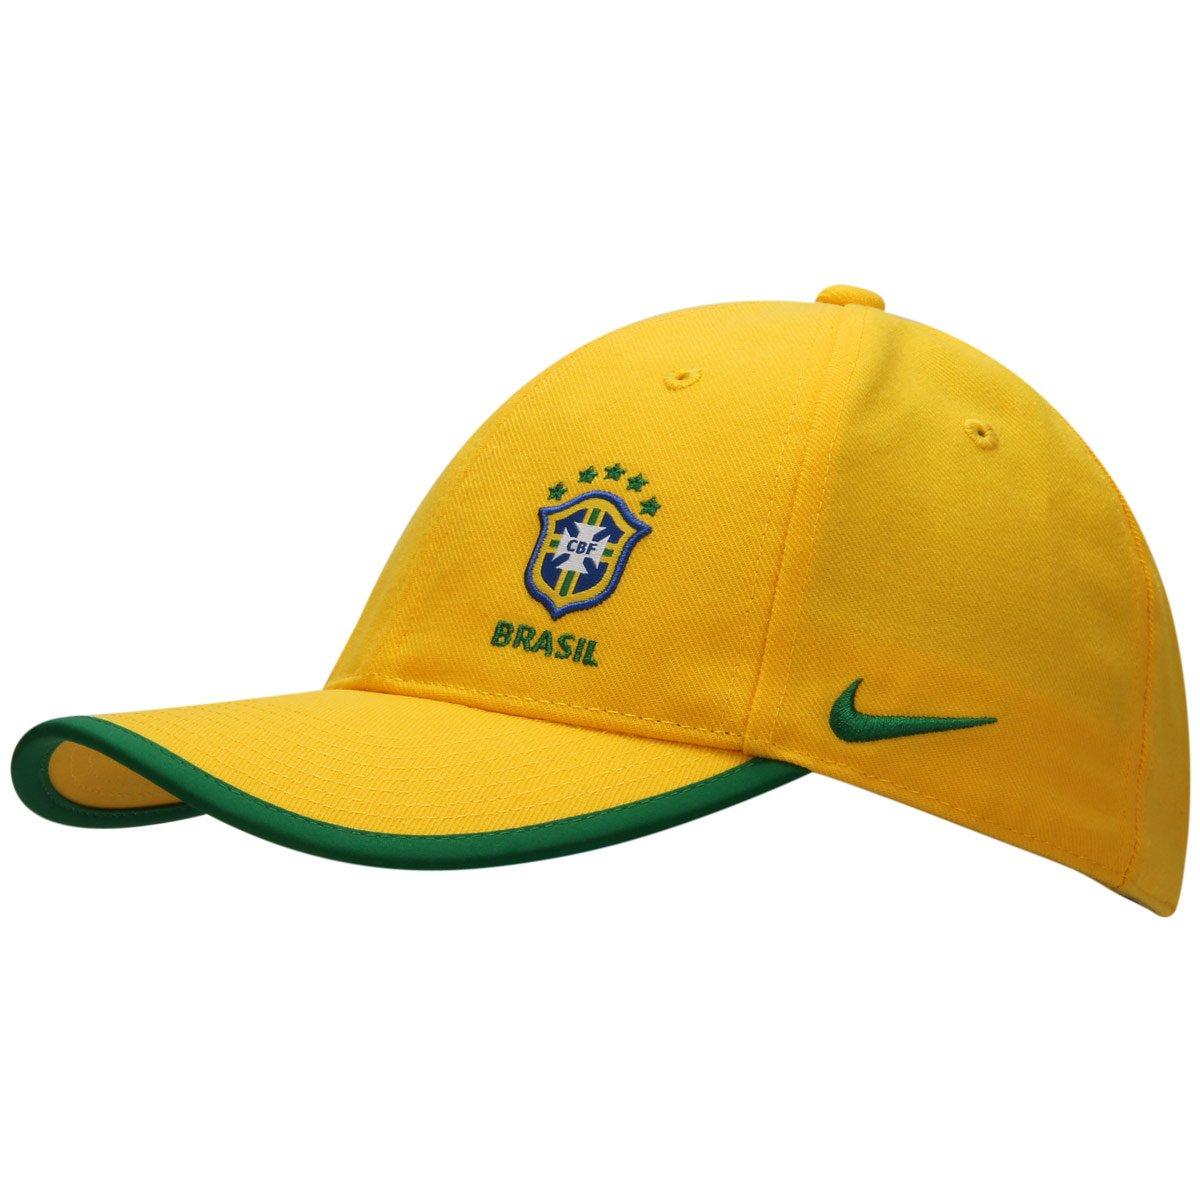 c4eec80e5cccb Boné Nike Seleção Brasil Core - Compre Agora